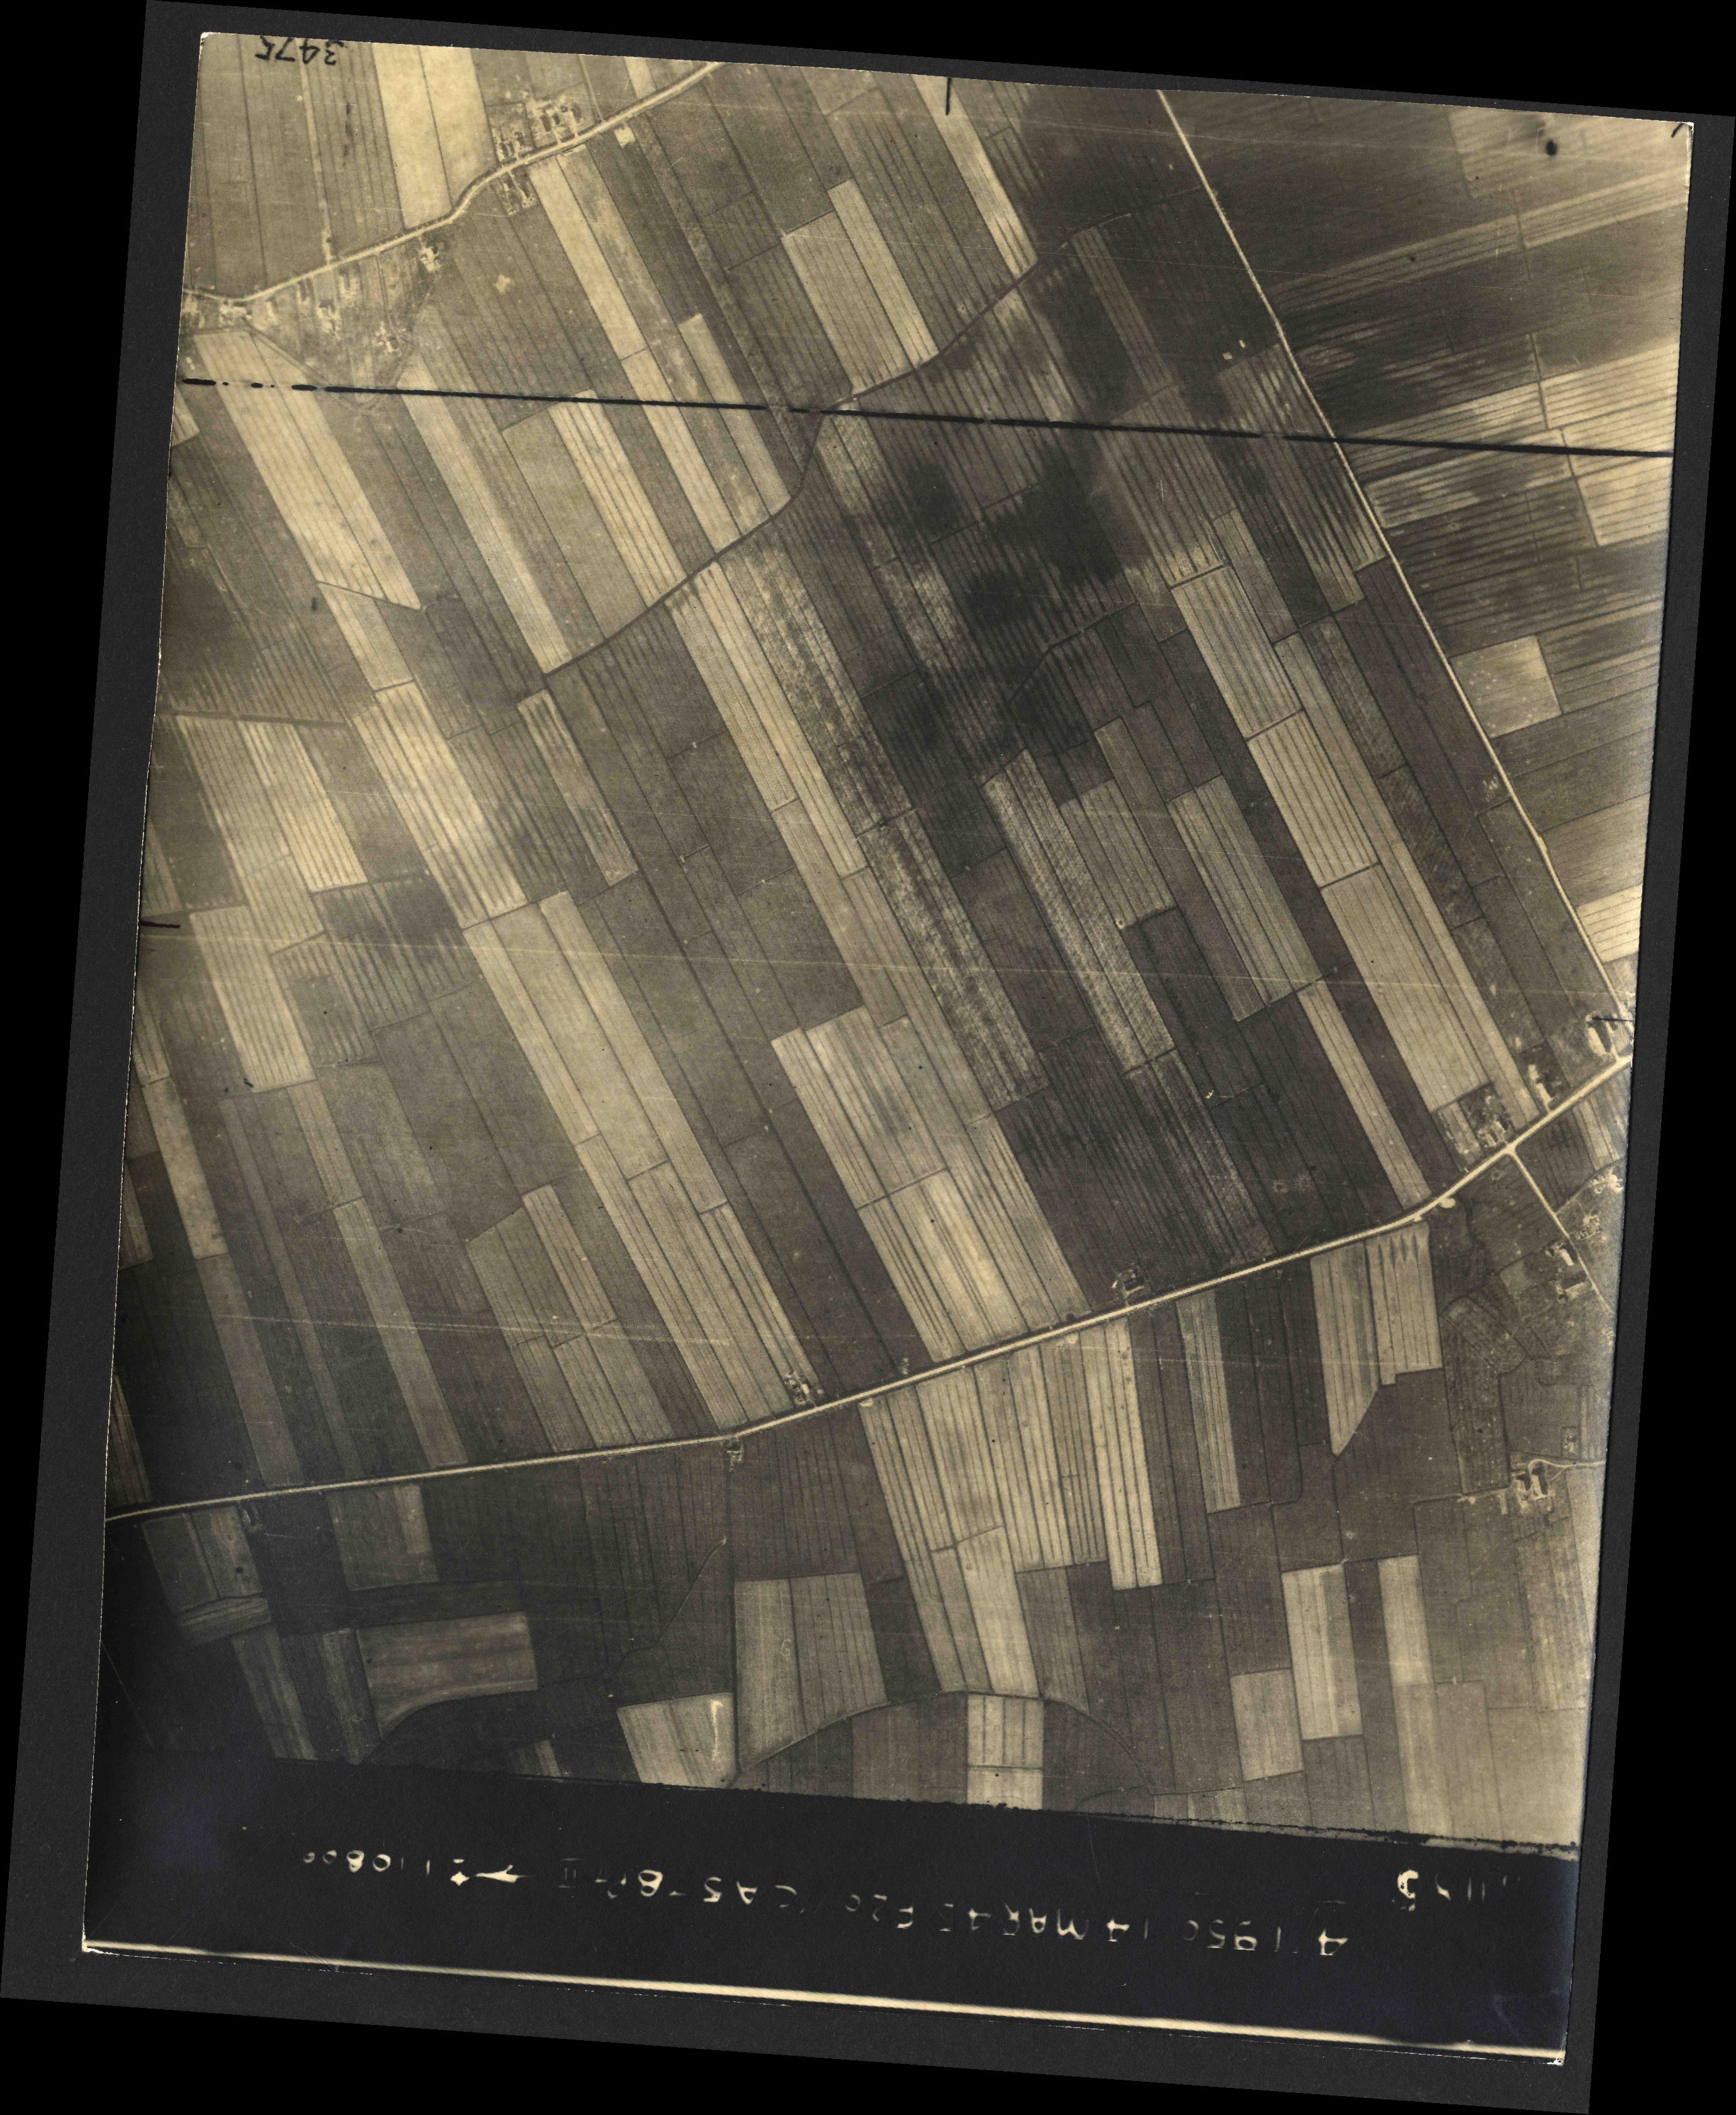 Collection RAF aerial photos 1940-1945 - flight 010, run 07, photo 3085